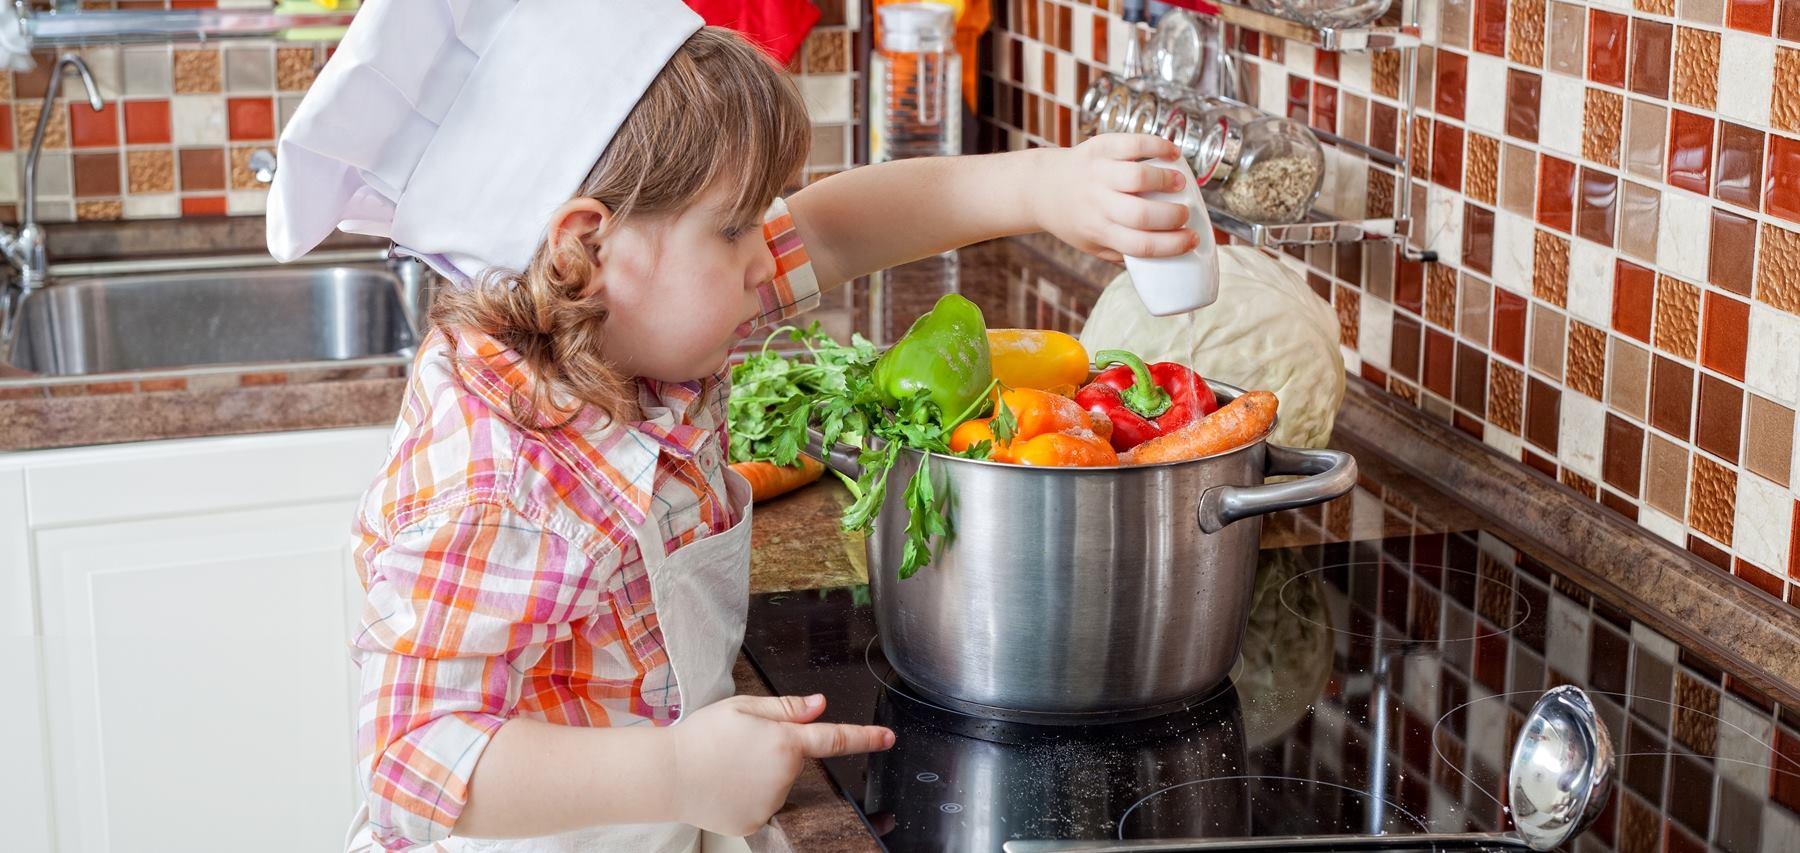 WHO: Smanjiti unos soli, šećera i trans masnih kiselina